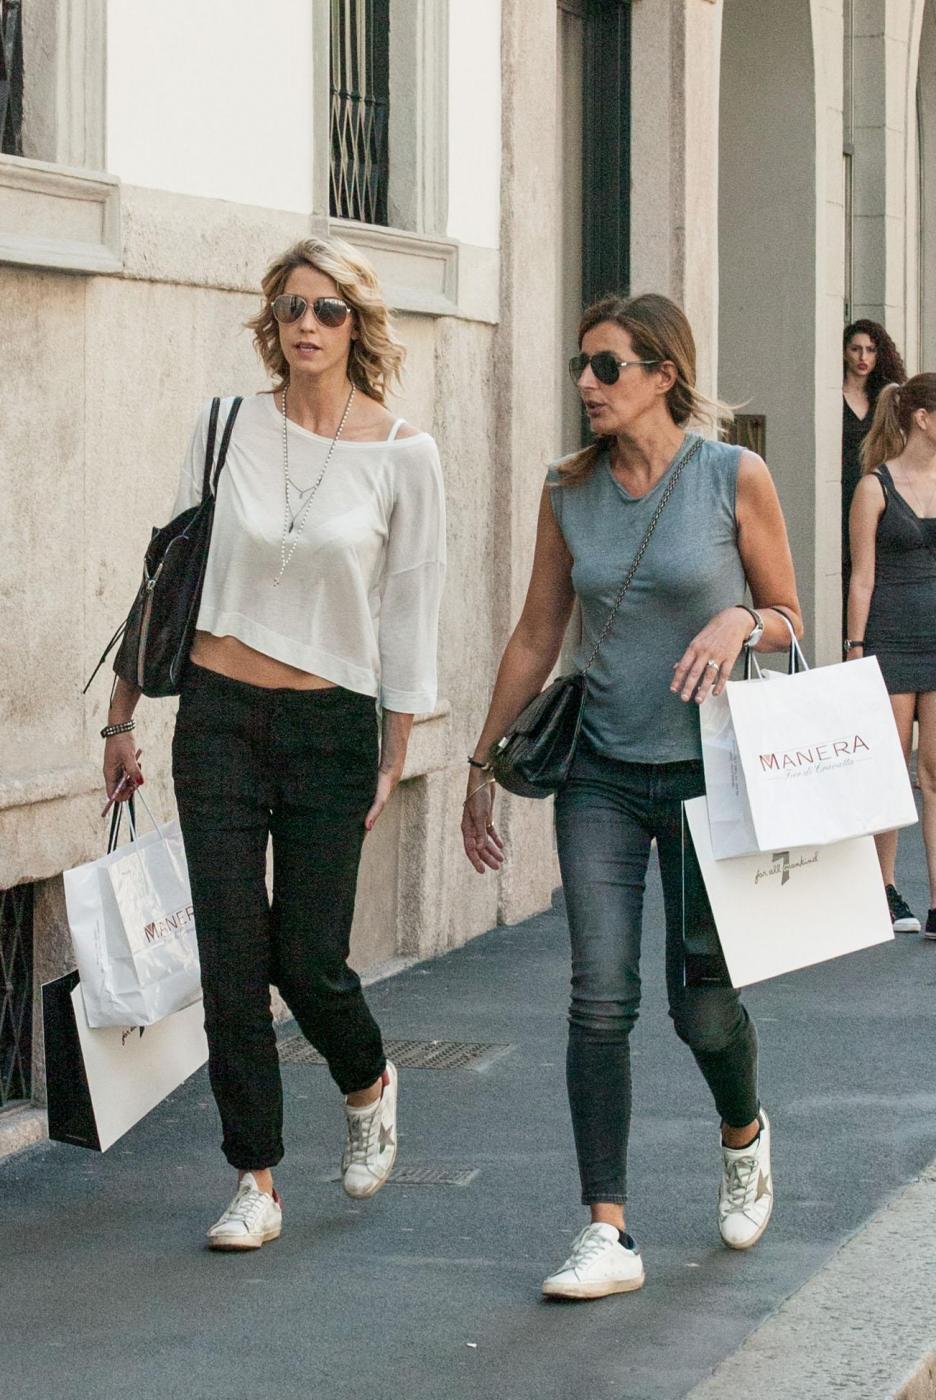 Elena Santarelli magrissima: shopping in via Montenapoleone l'amica FOTO 14